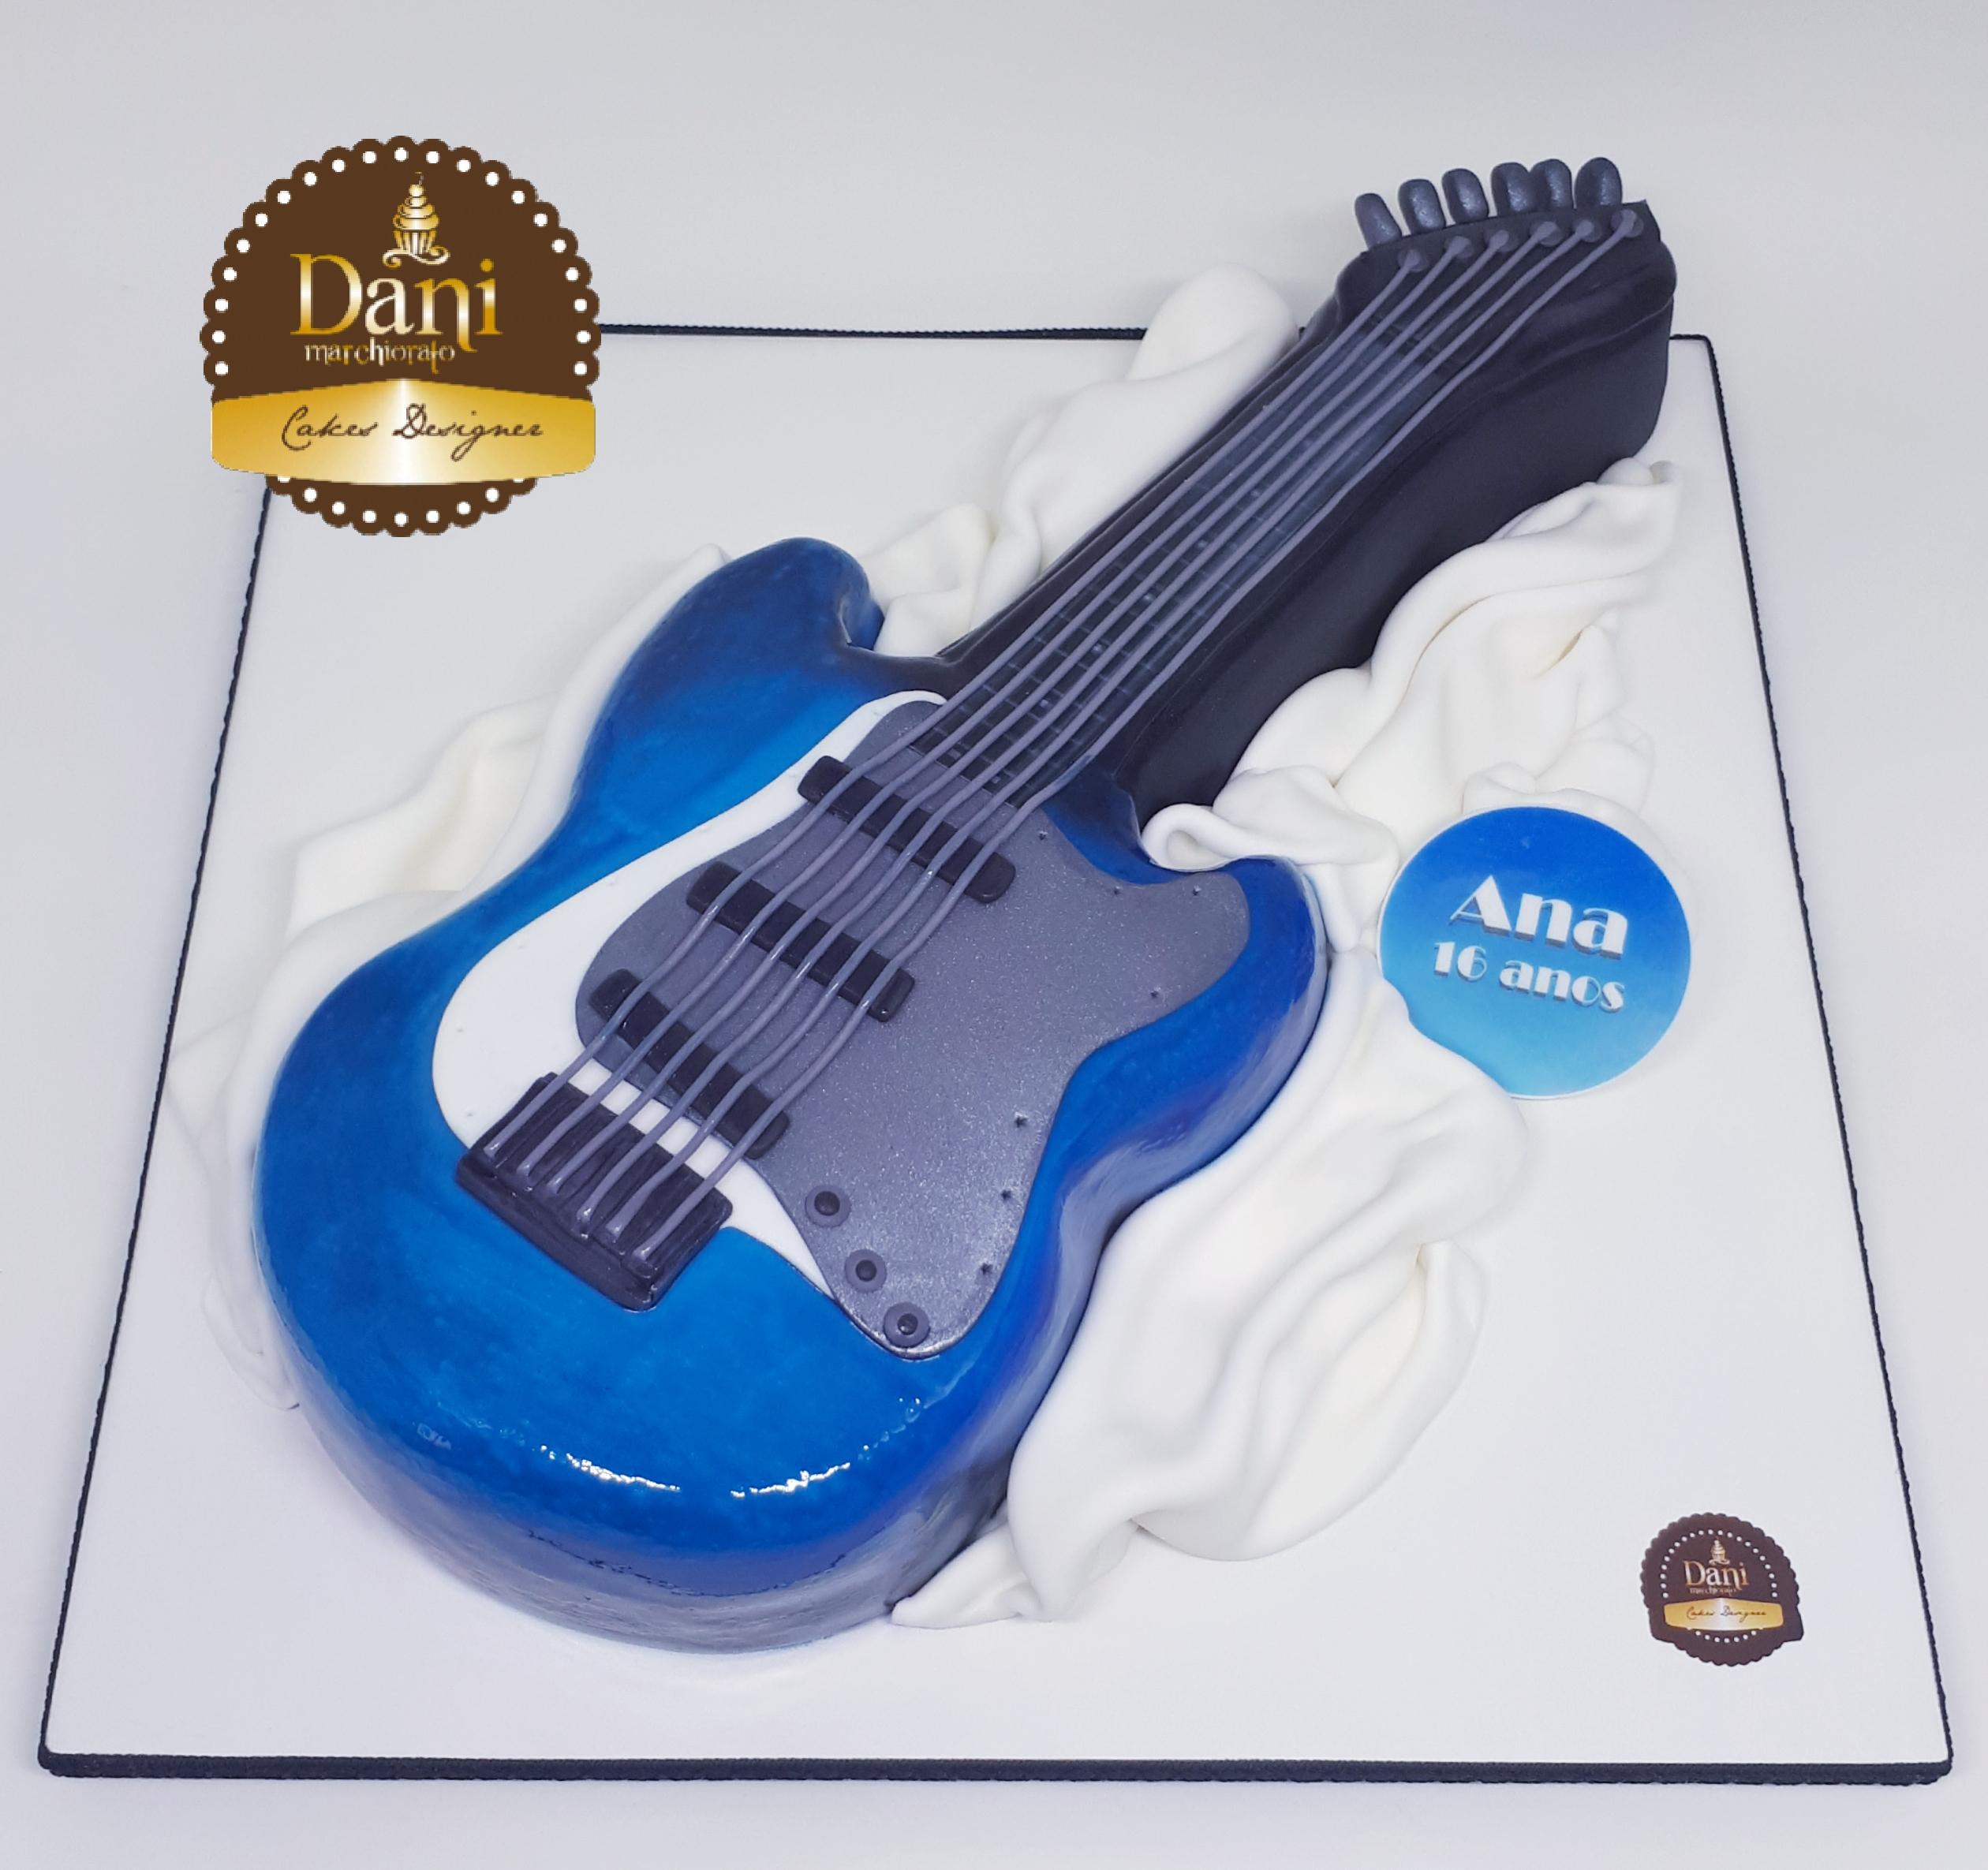 Bolo Guitarra